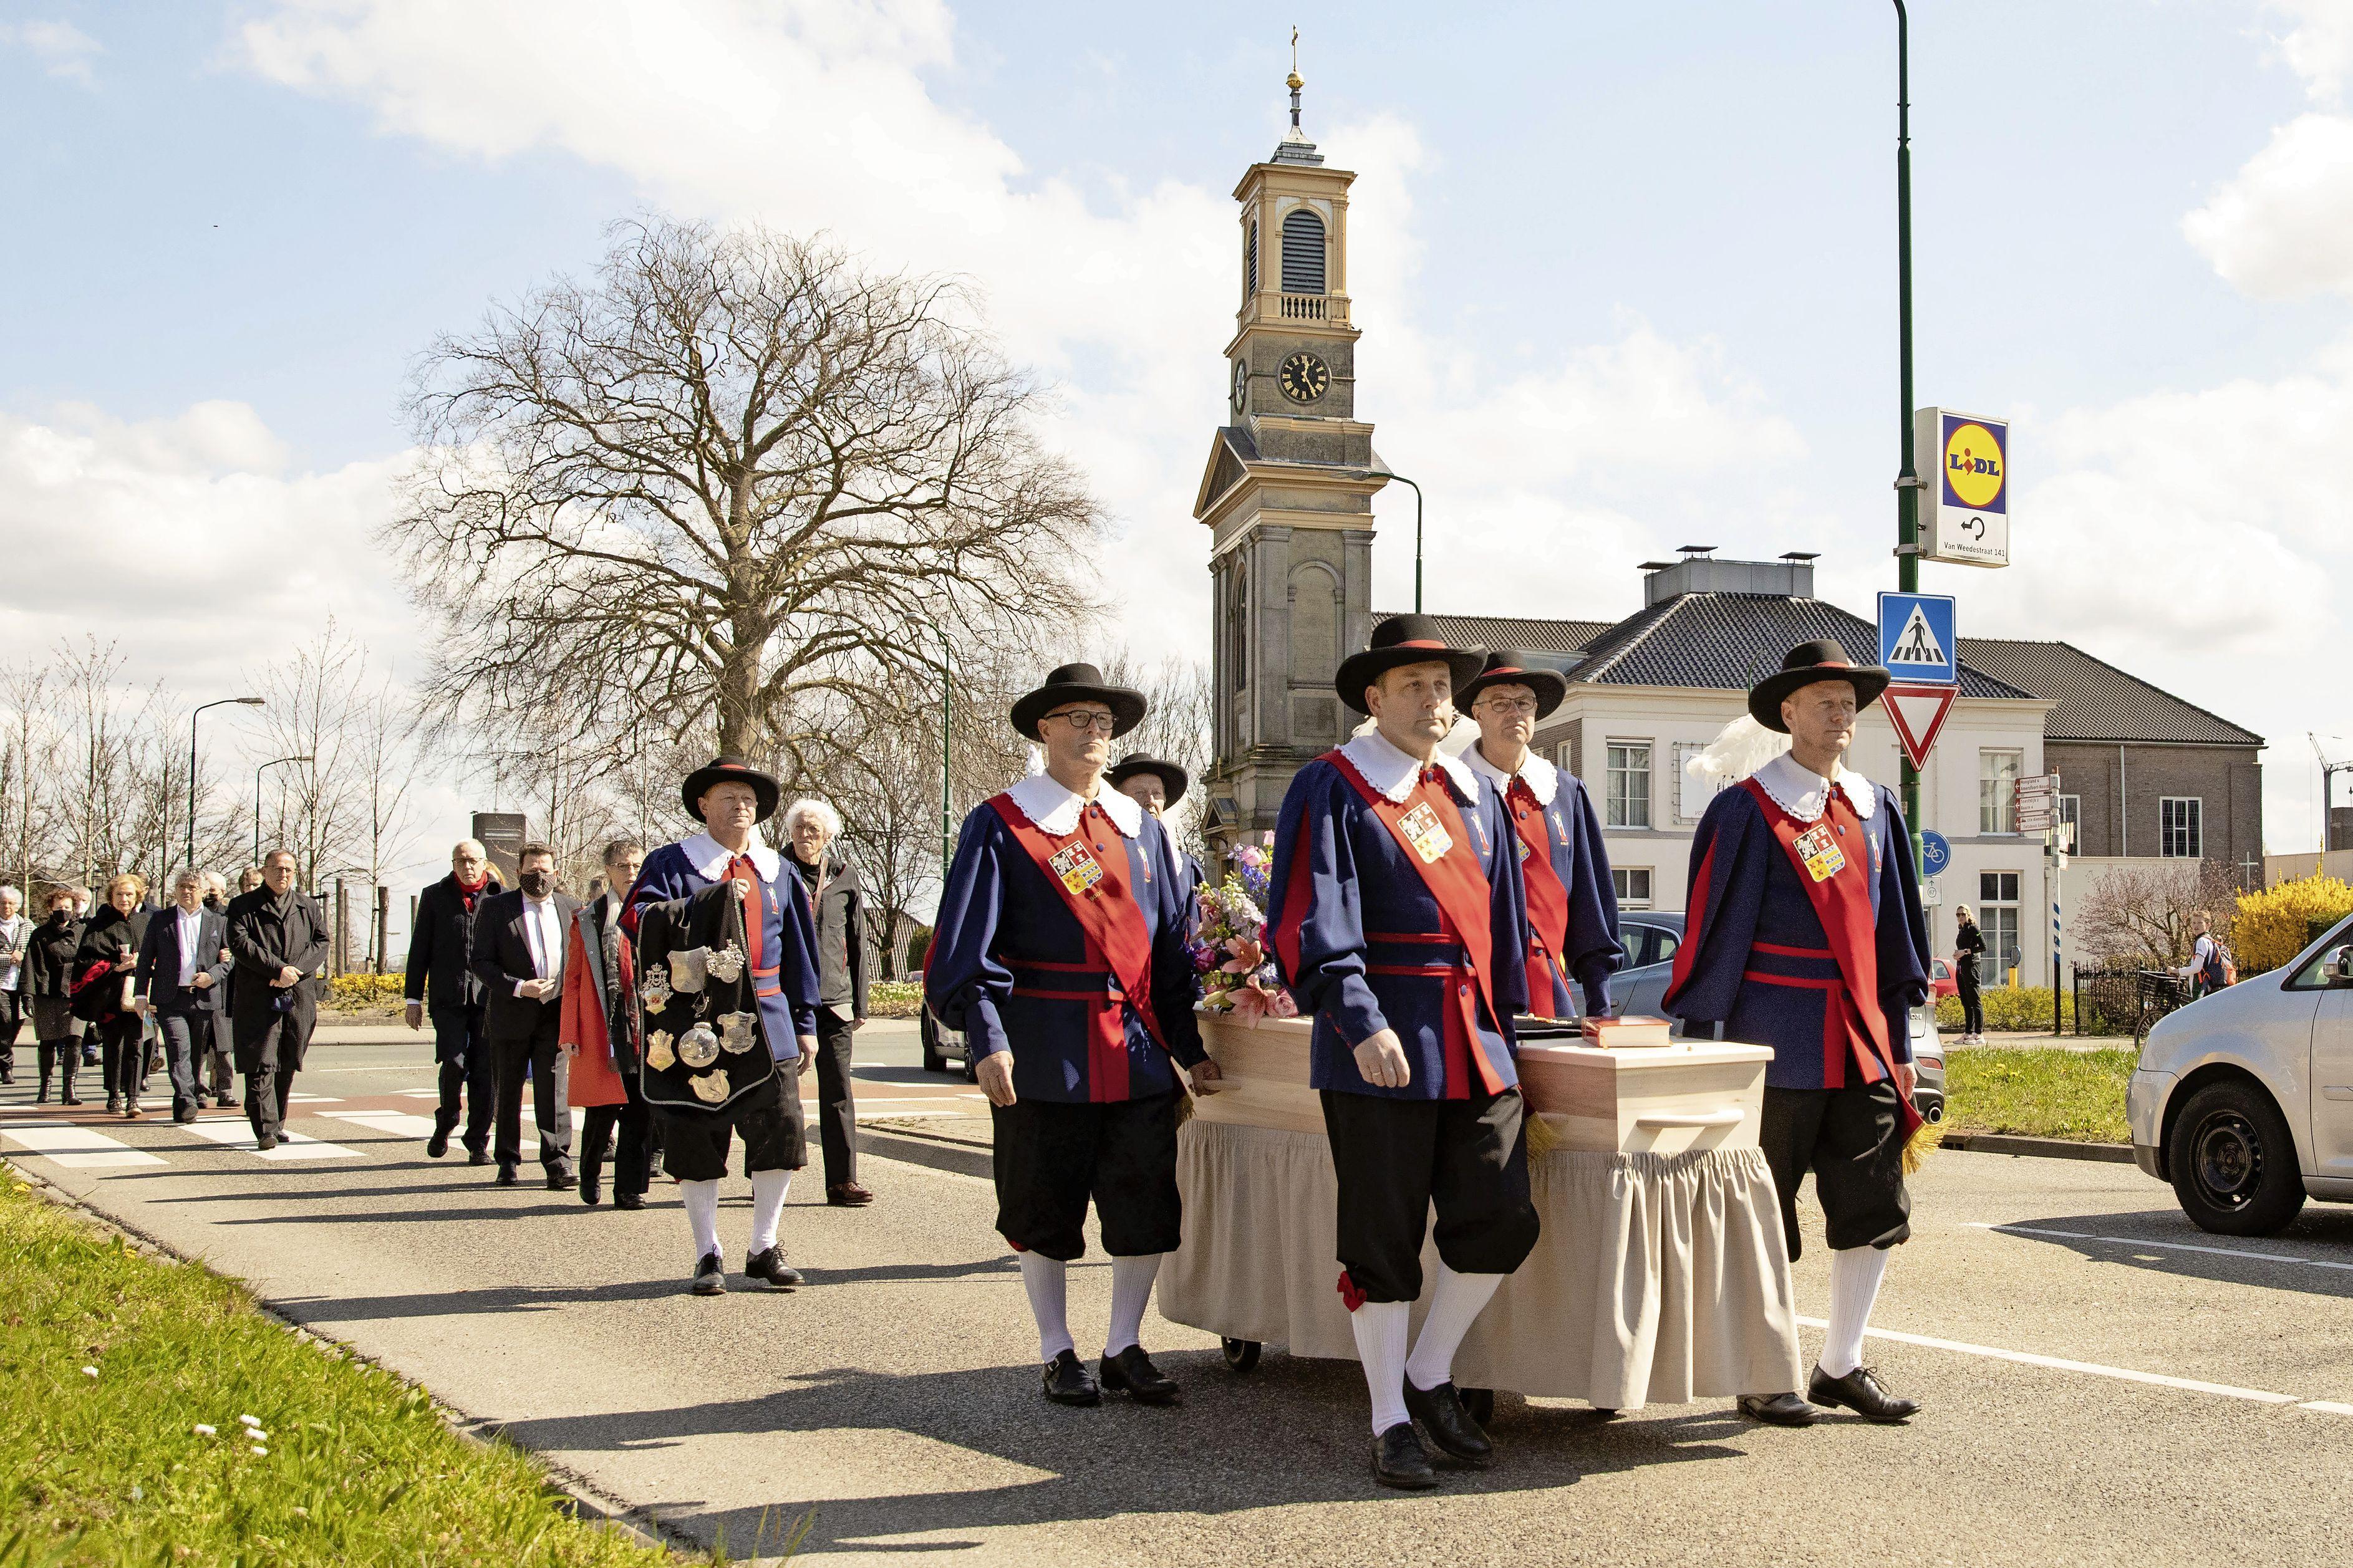 Koninklijk gilde-afscheid voor emeritus pastoor Wil Veldhuis